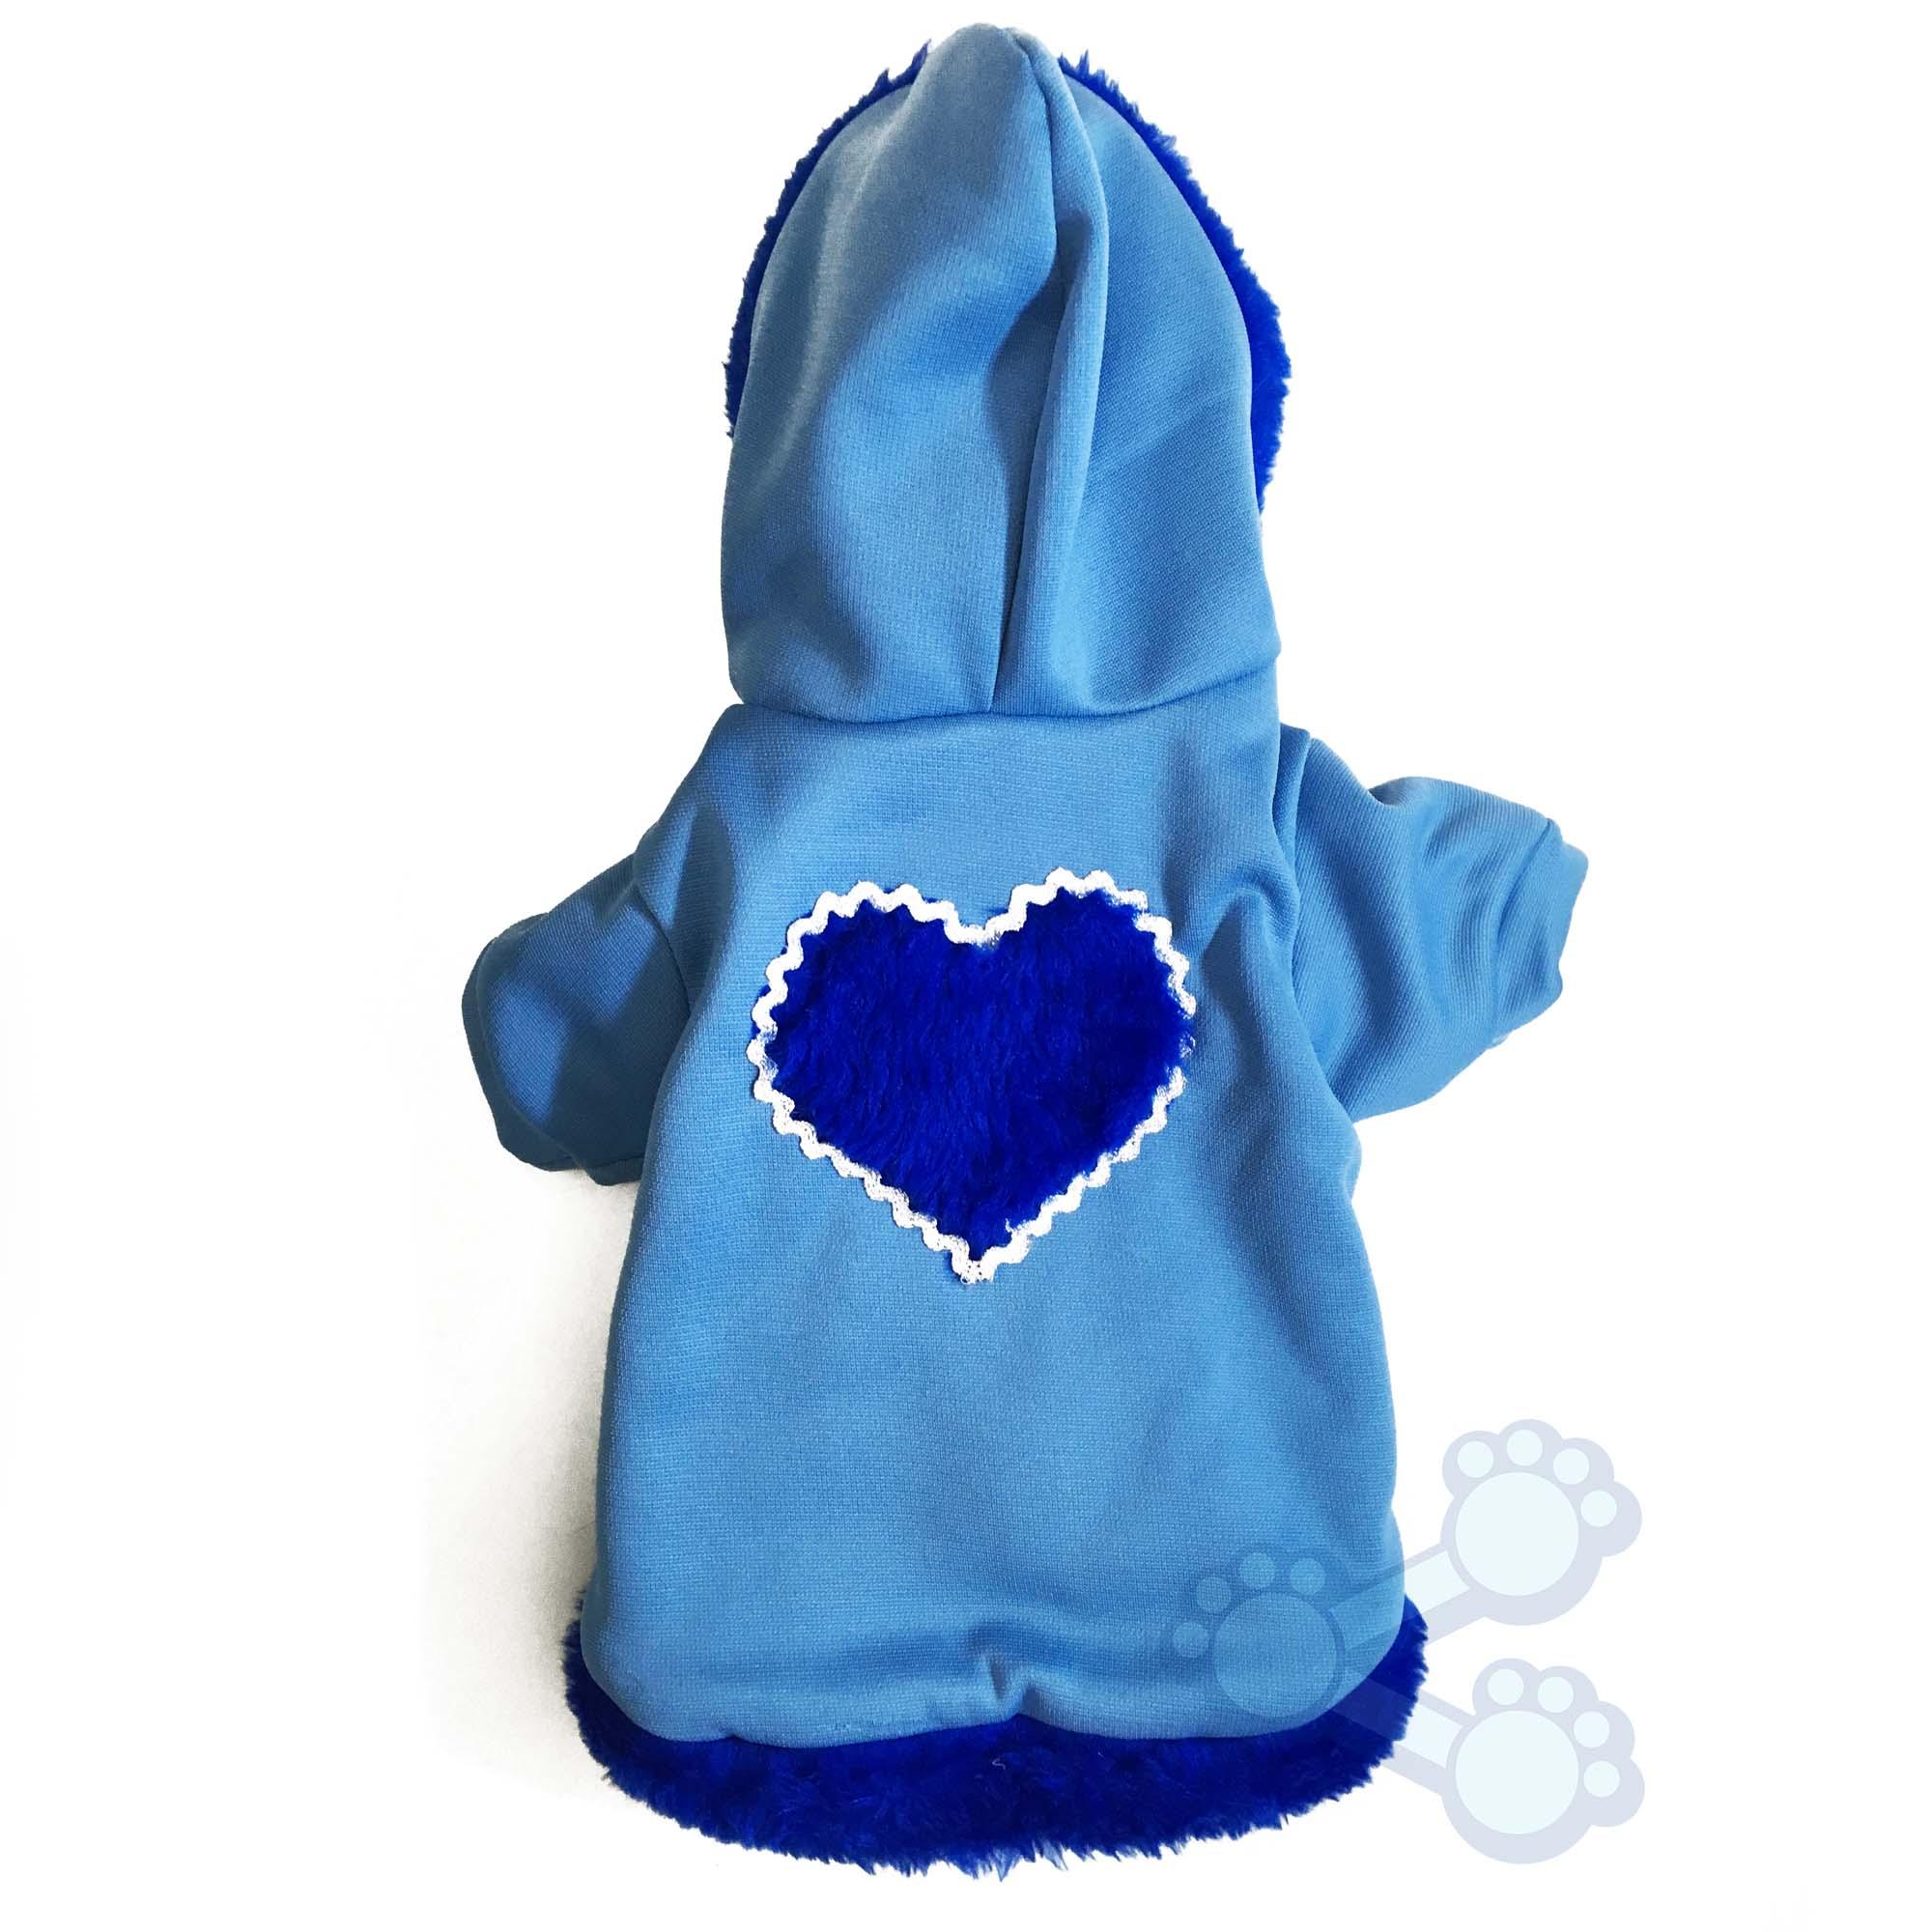 Muitas vezes PetShare - Roupinha de Inverno para Cachorro Cães Blusa com Capuz Azul EF76